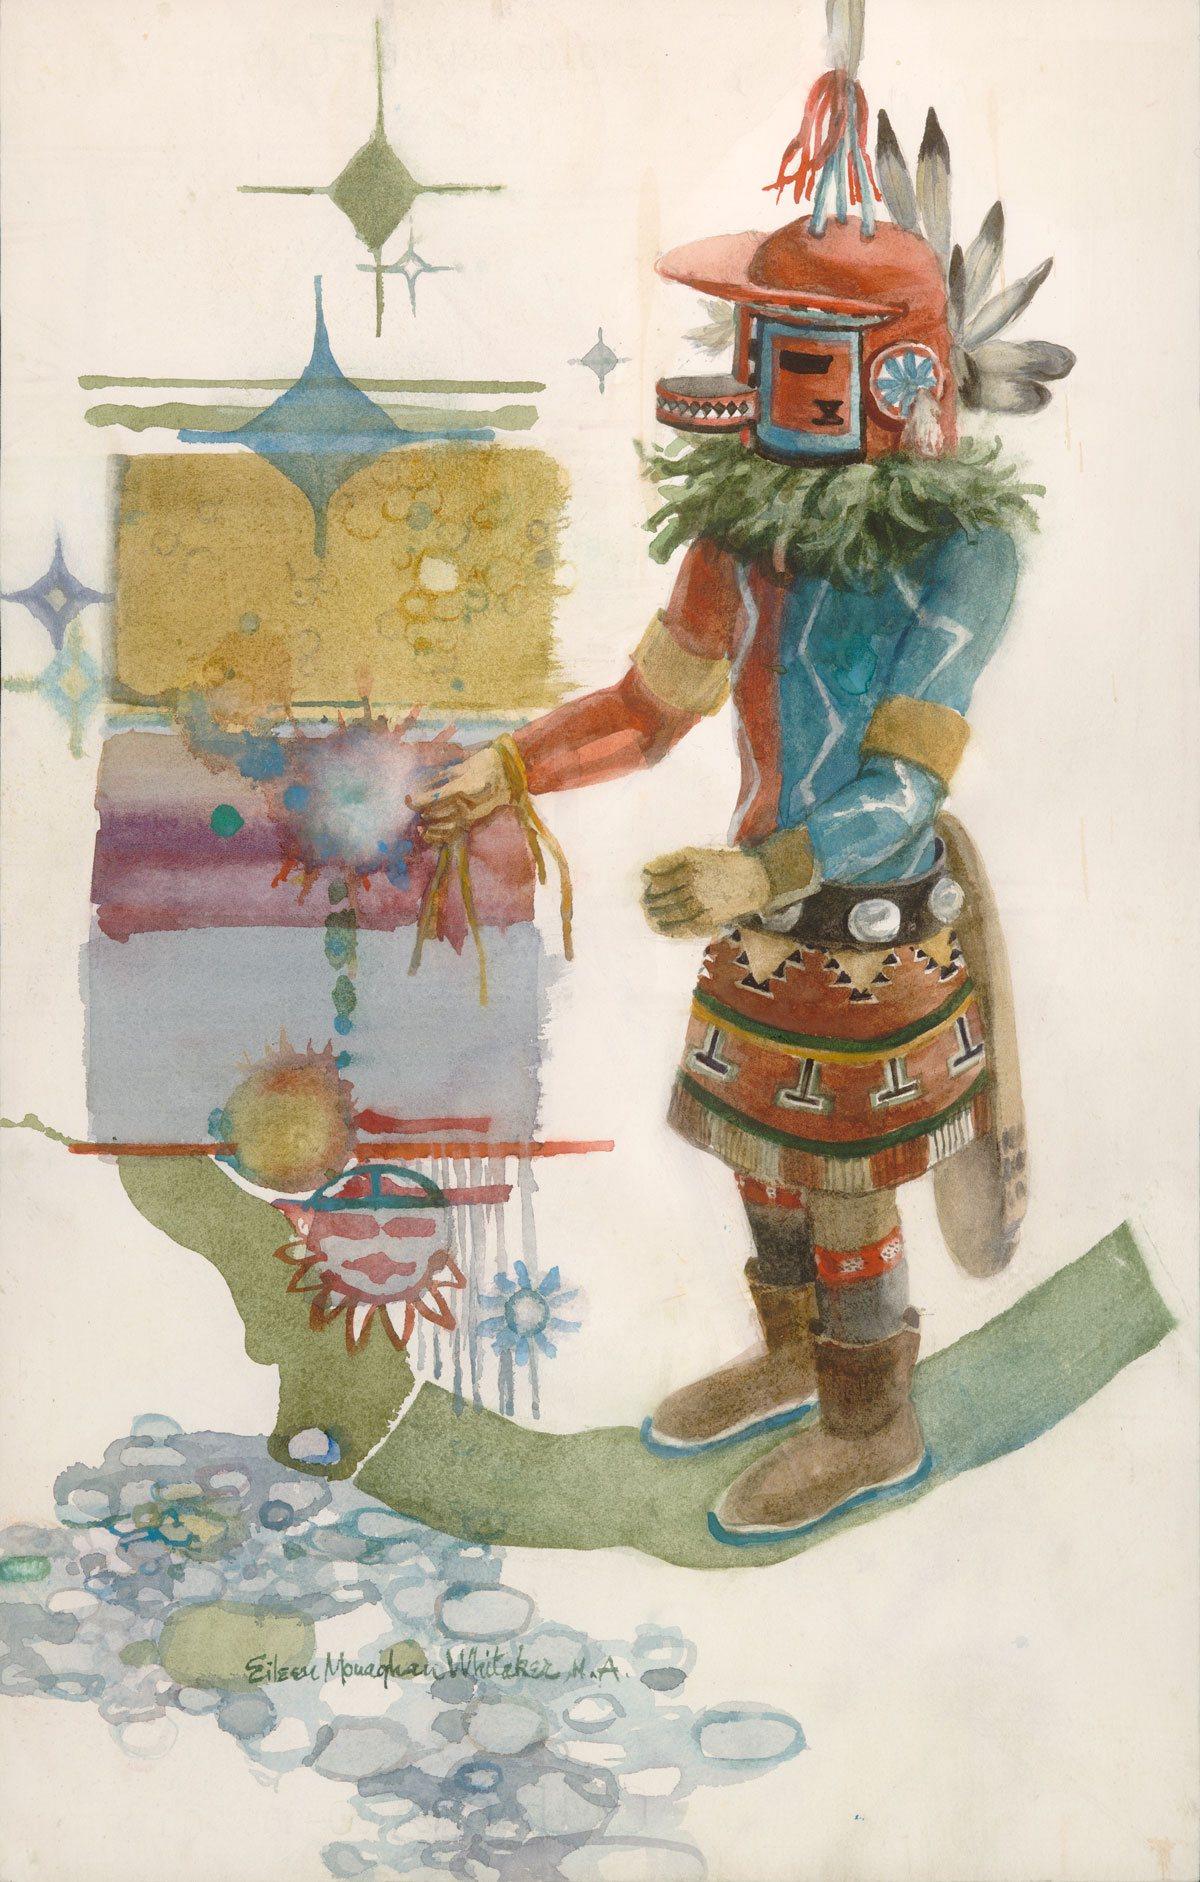 """""""Marao  Kachina"""" 1983 © Eileen Monaghan Whitaker N.A. 22x14 inches"""